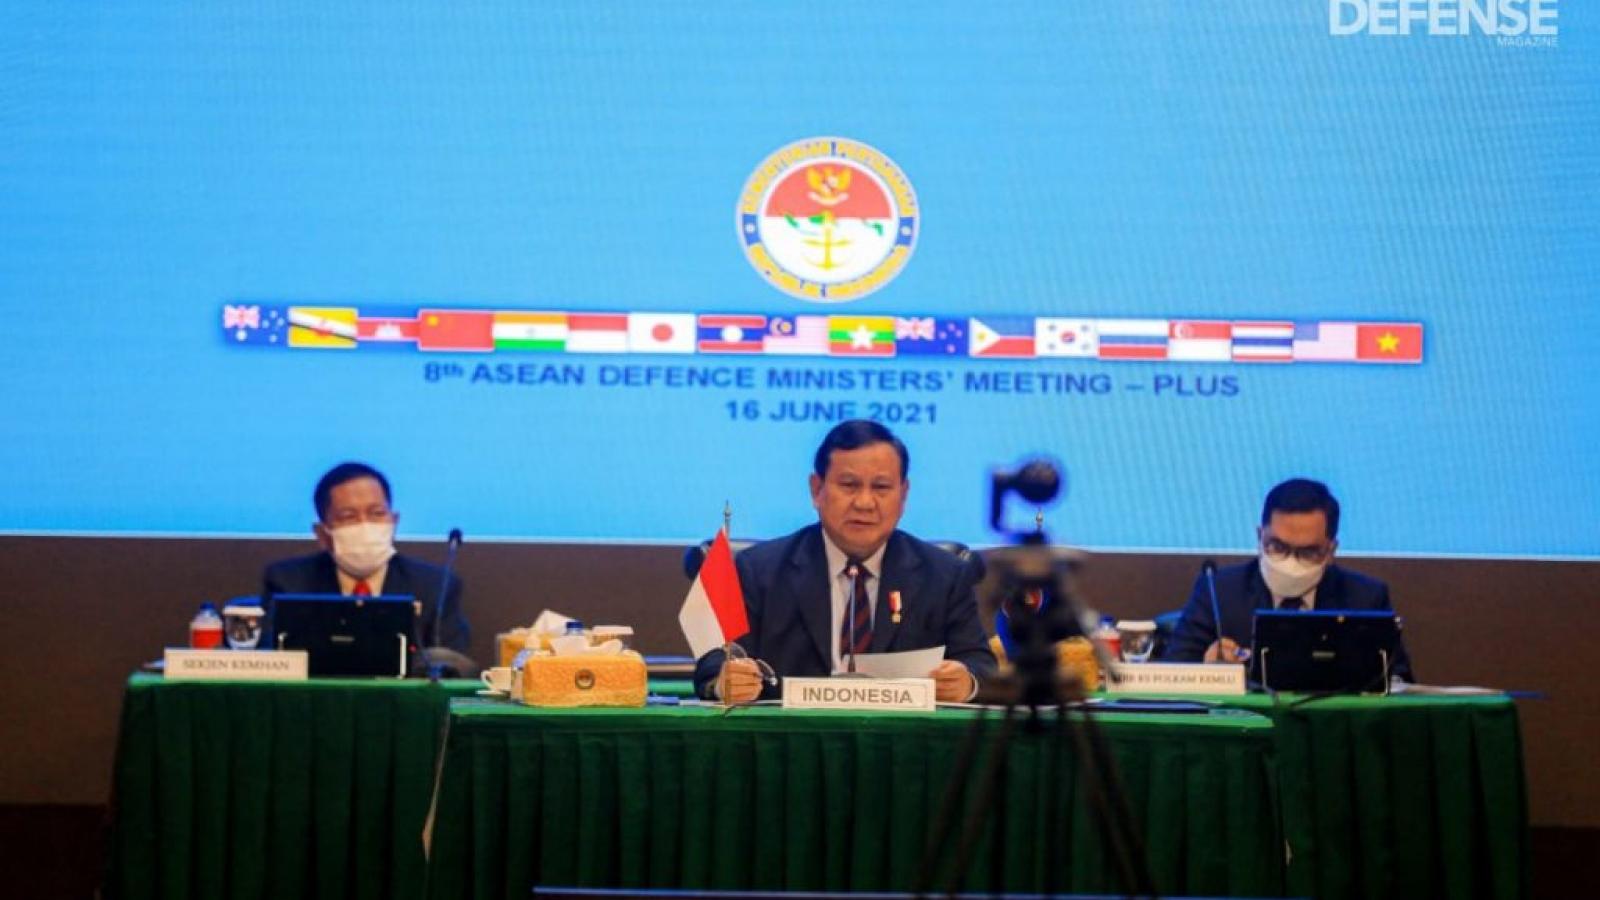 Bộ trưởng Quốc phòng Indonesia: Phải nhìn vào thực tế các vấn đề ở Biển Đông